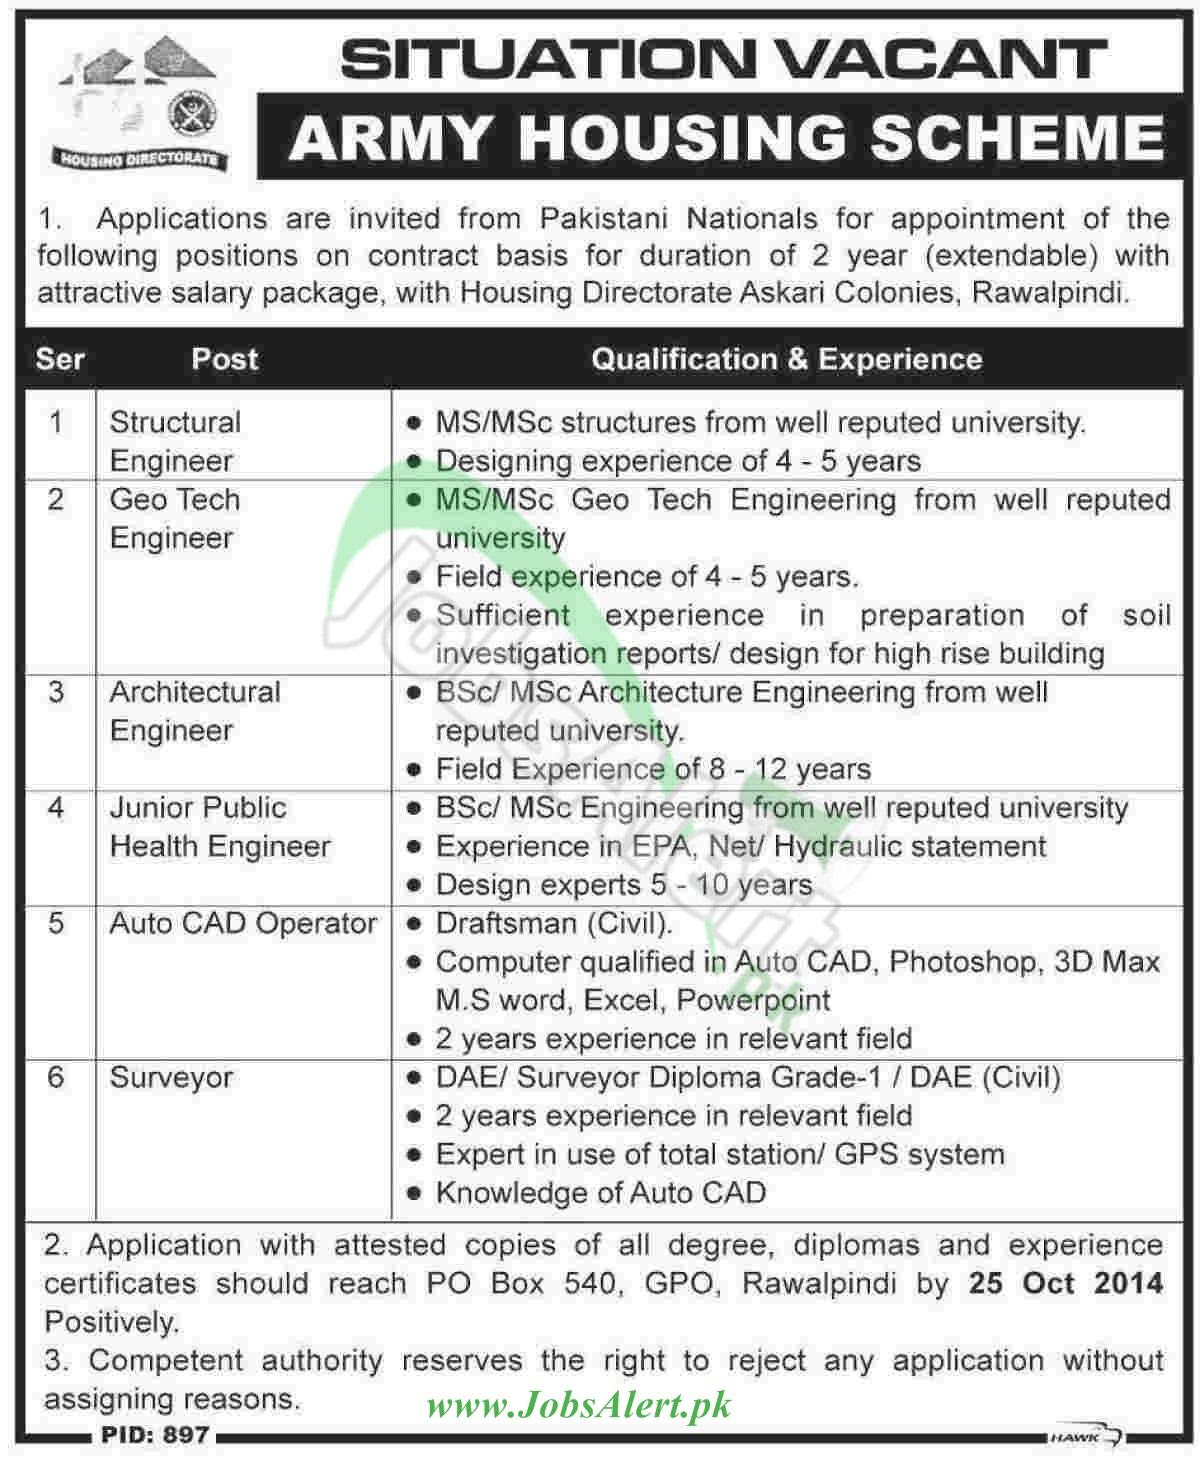 Army Housing Scheme